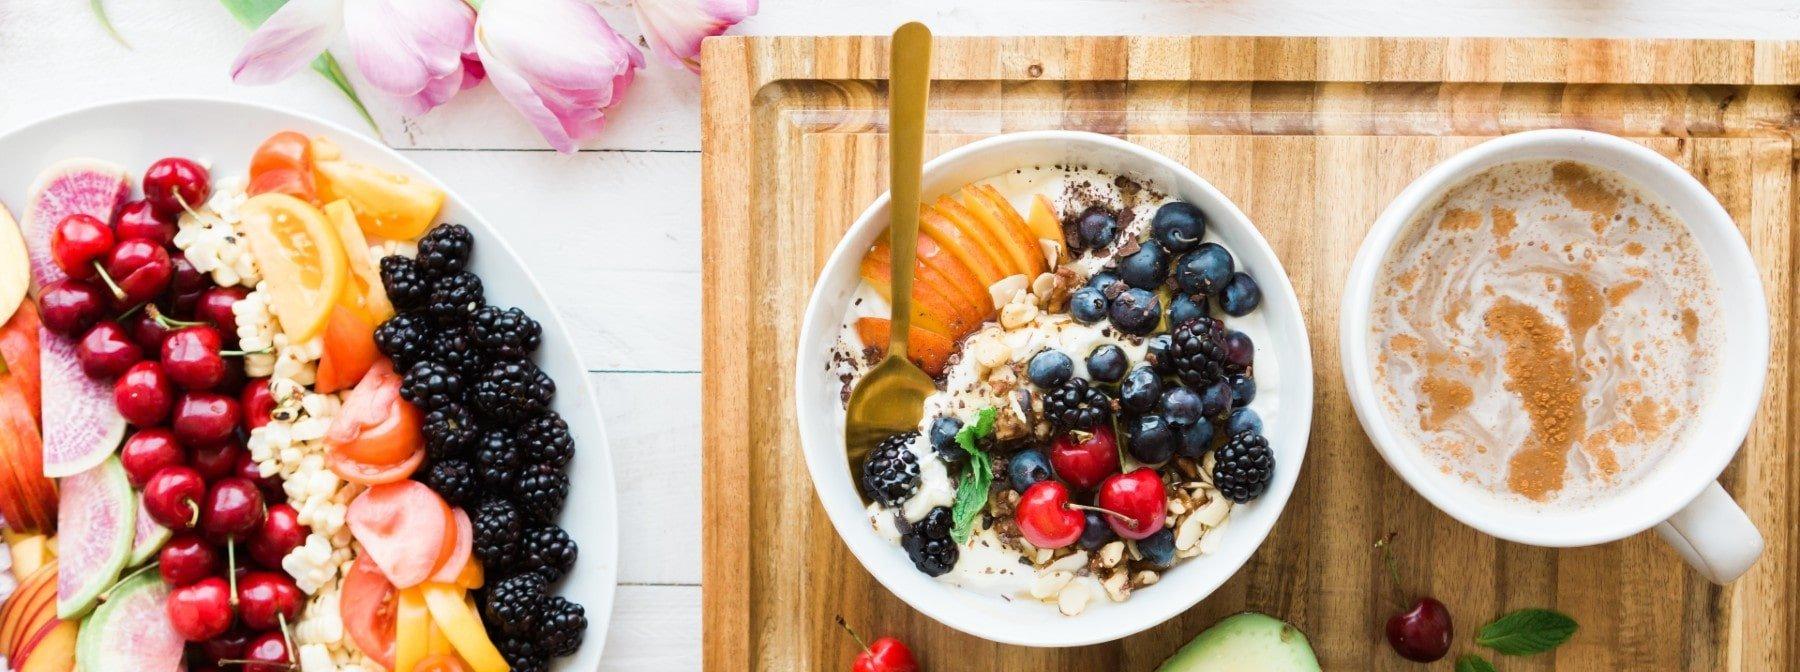 Сколько калорий нужно потреблять в день для своей цели?